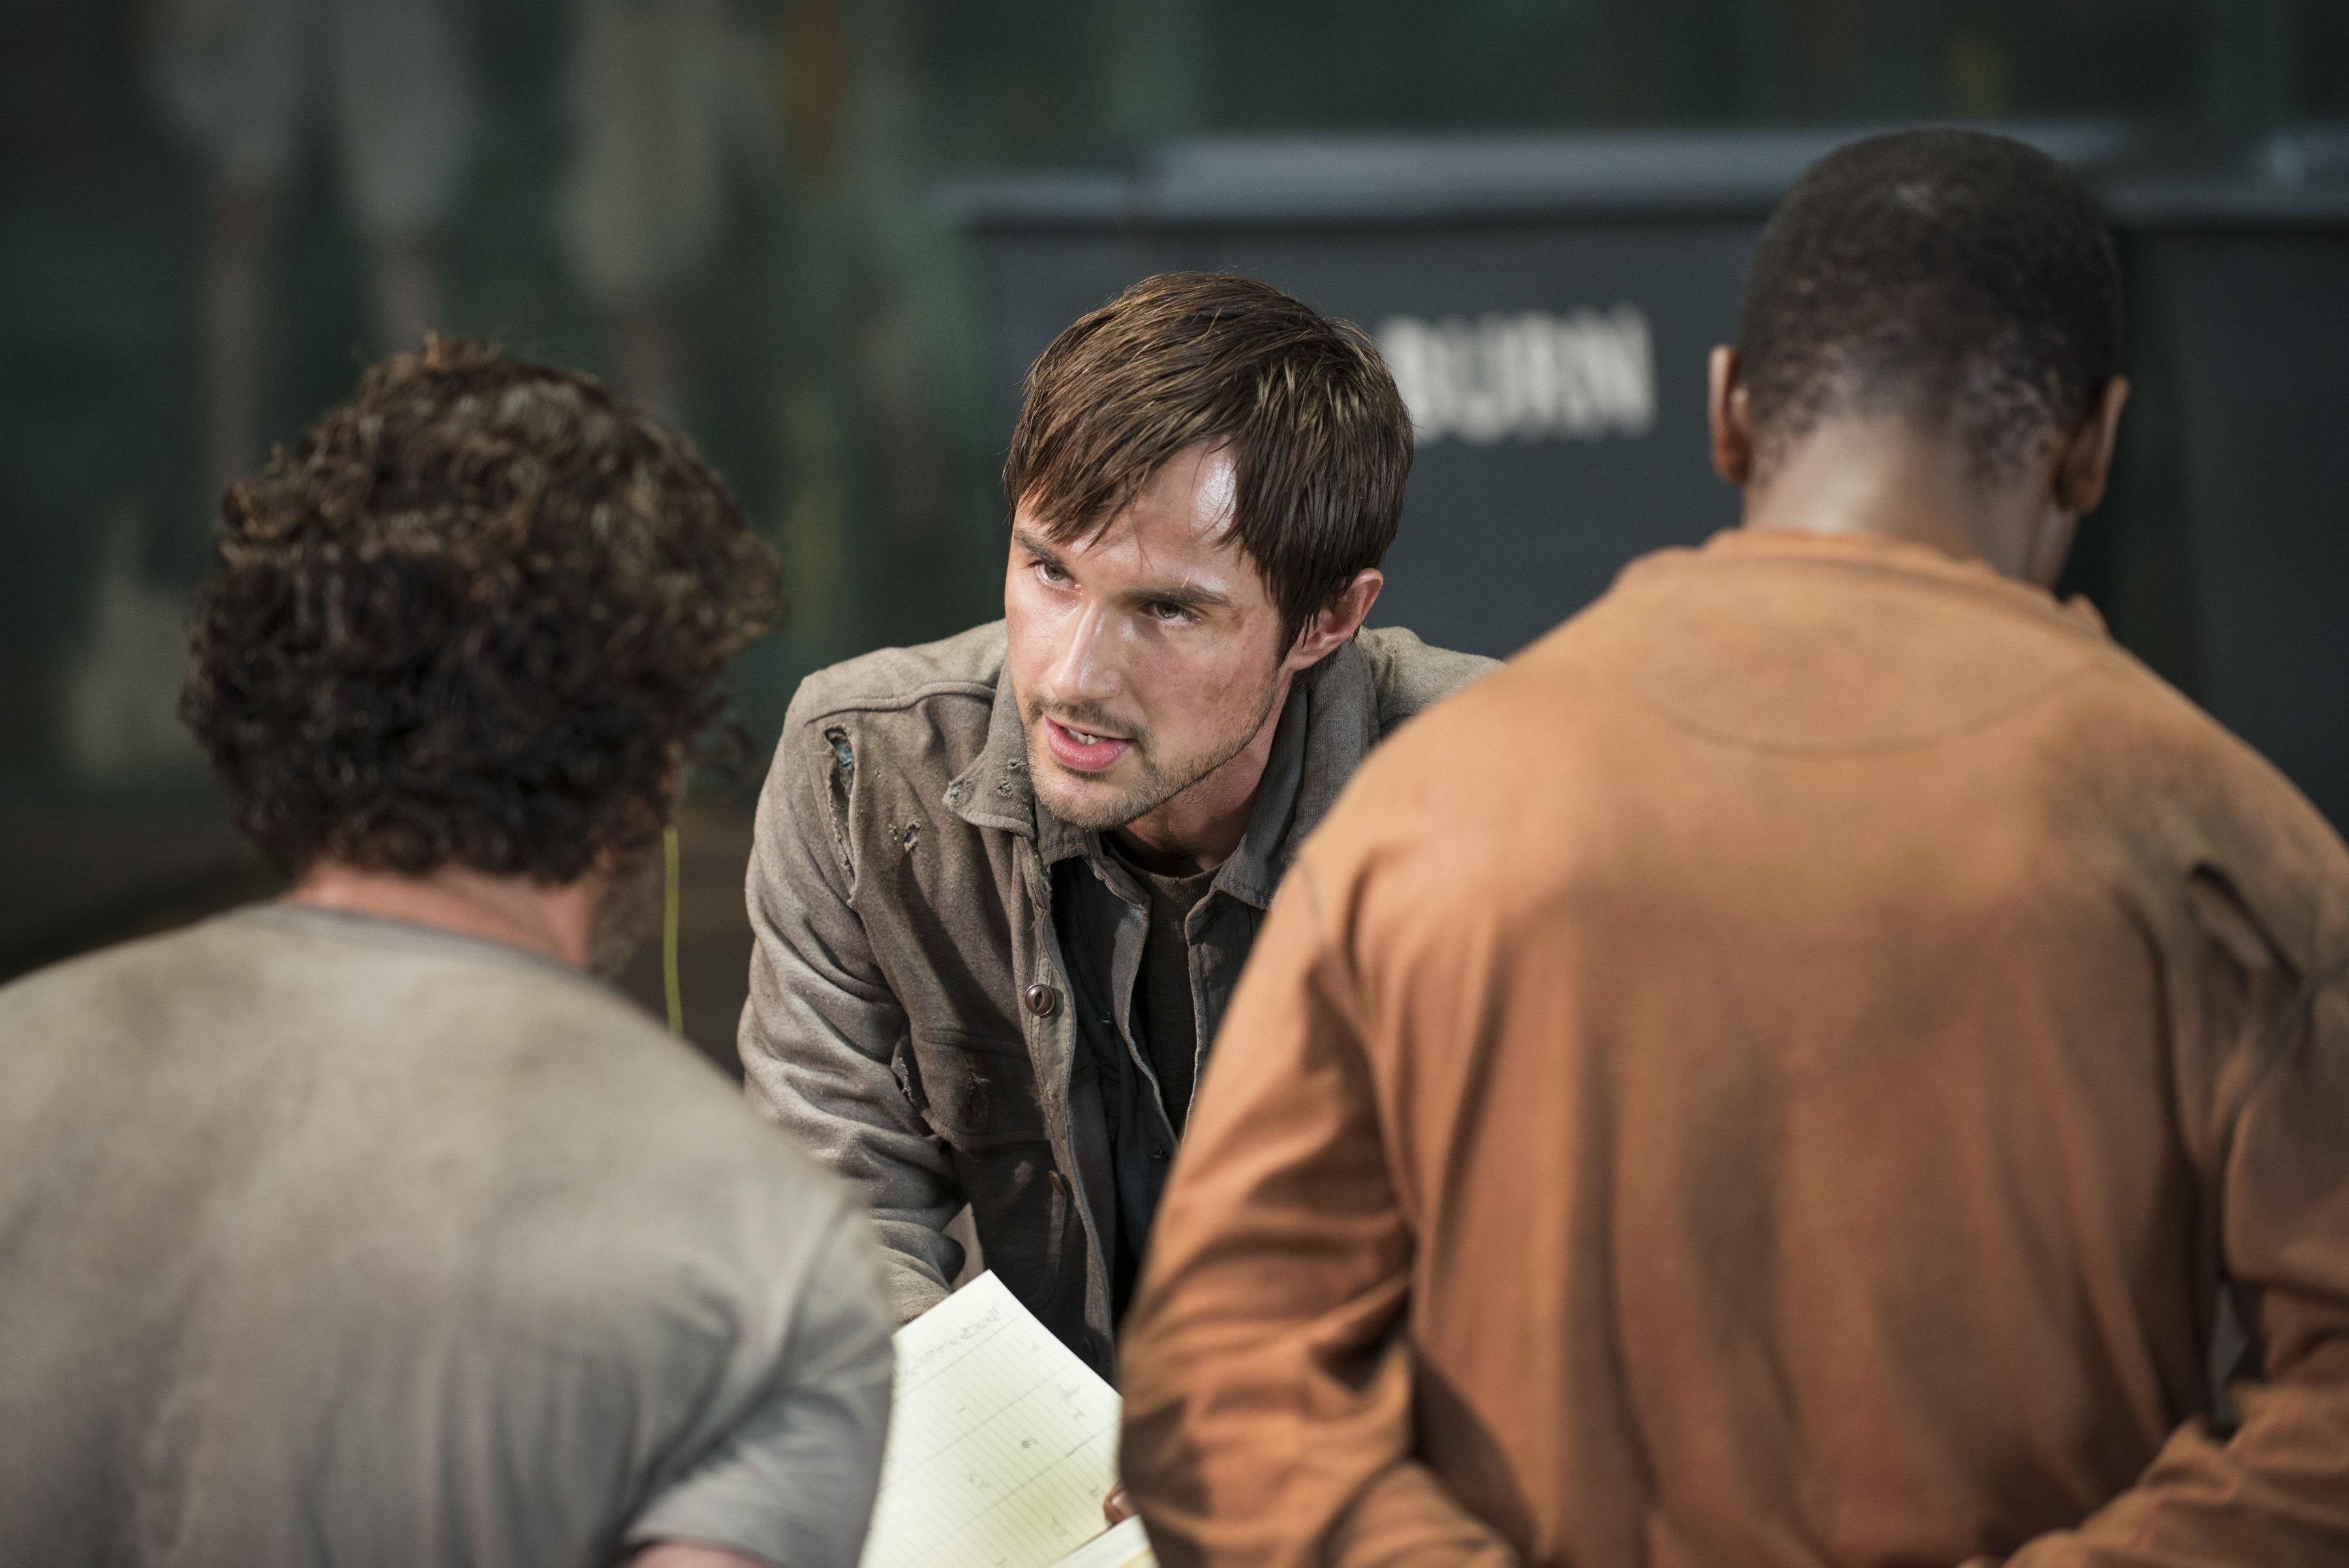 The-Walking-Dead-5-Temporada-S05E01-No-Sanctuary-HQ-017